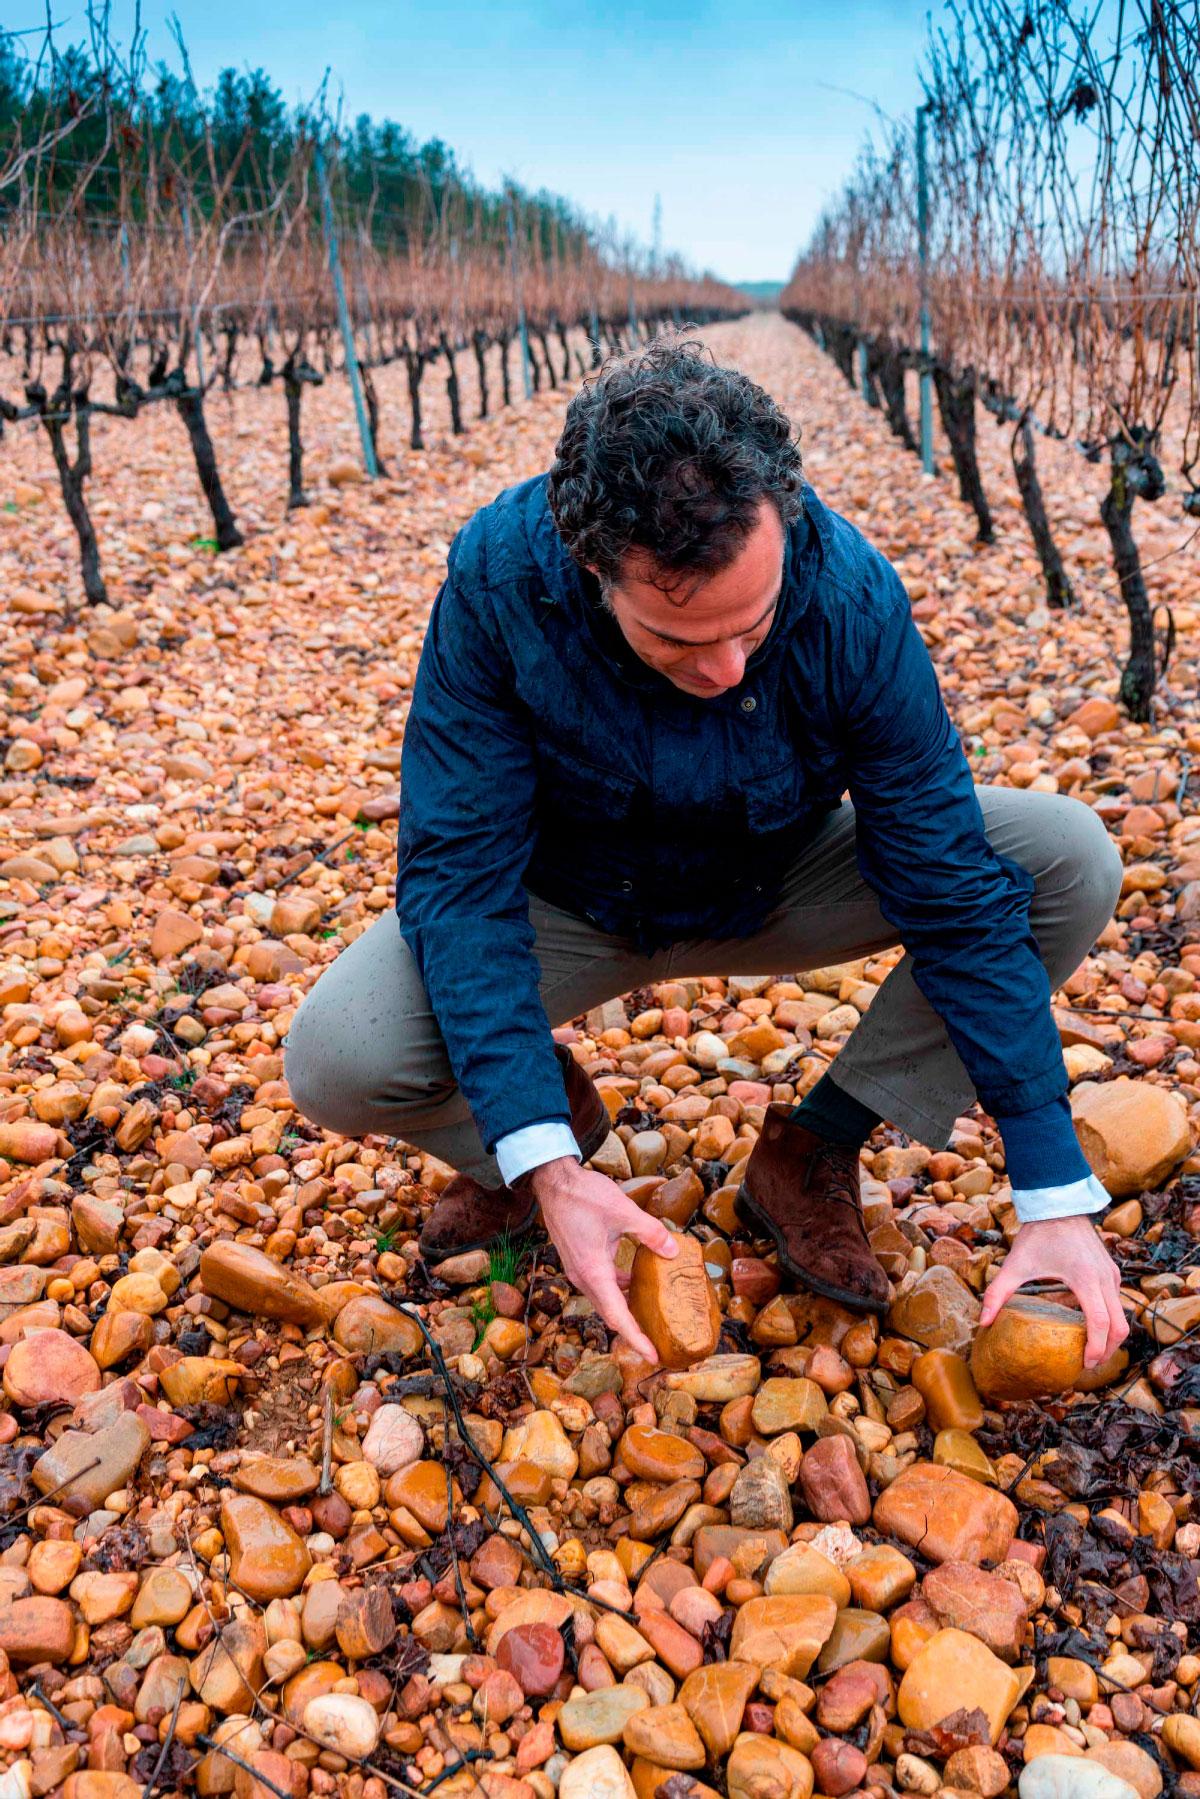 Bodegas de vino Valdrinal